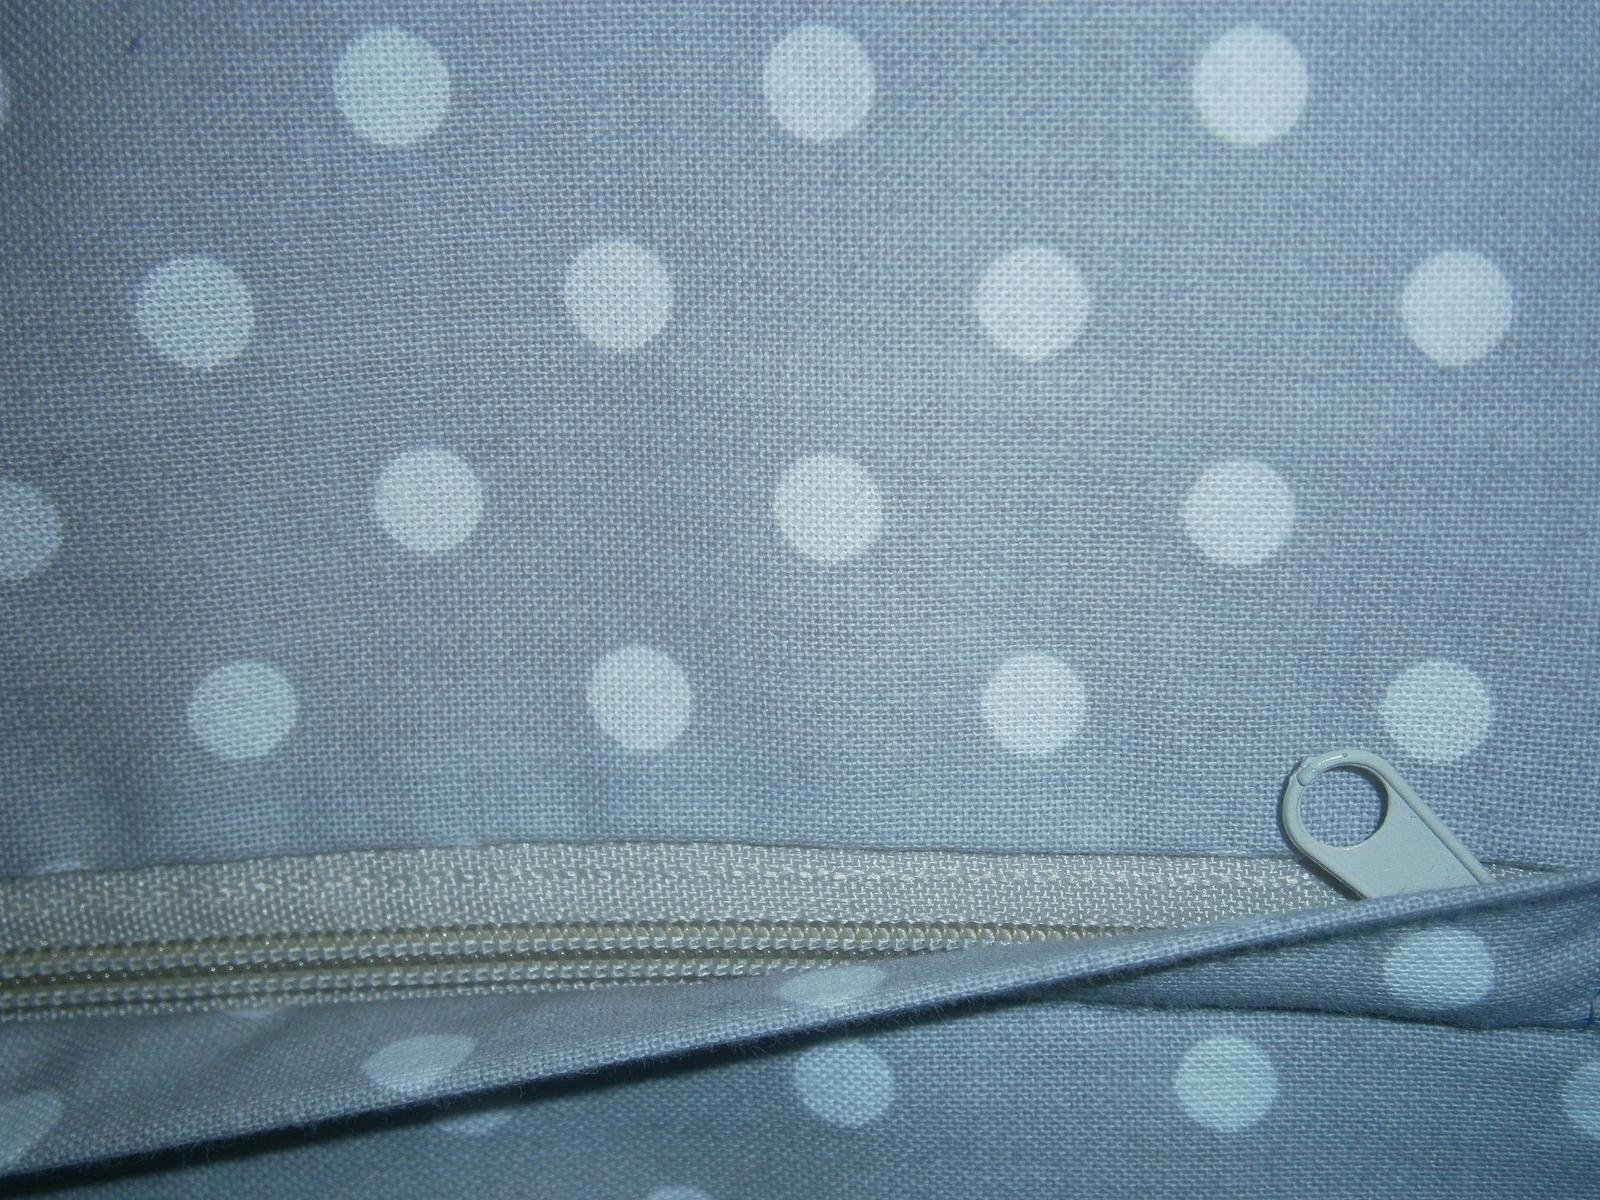 Šije šije  .....i háčkuje .... iiiviii :-) - tak jsem to dokázala. ušila jsem polštář se skrytým zipem